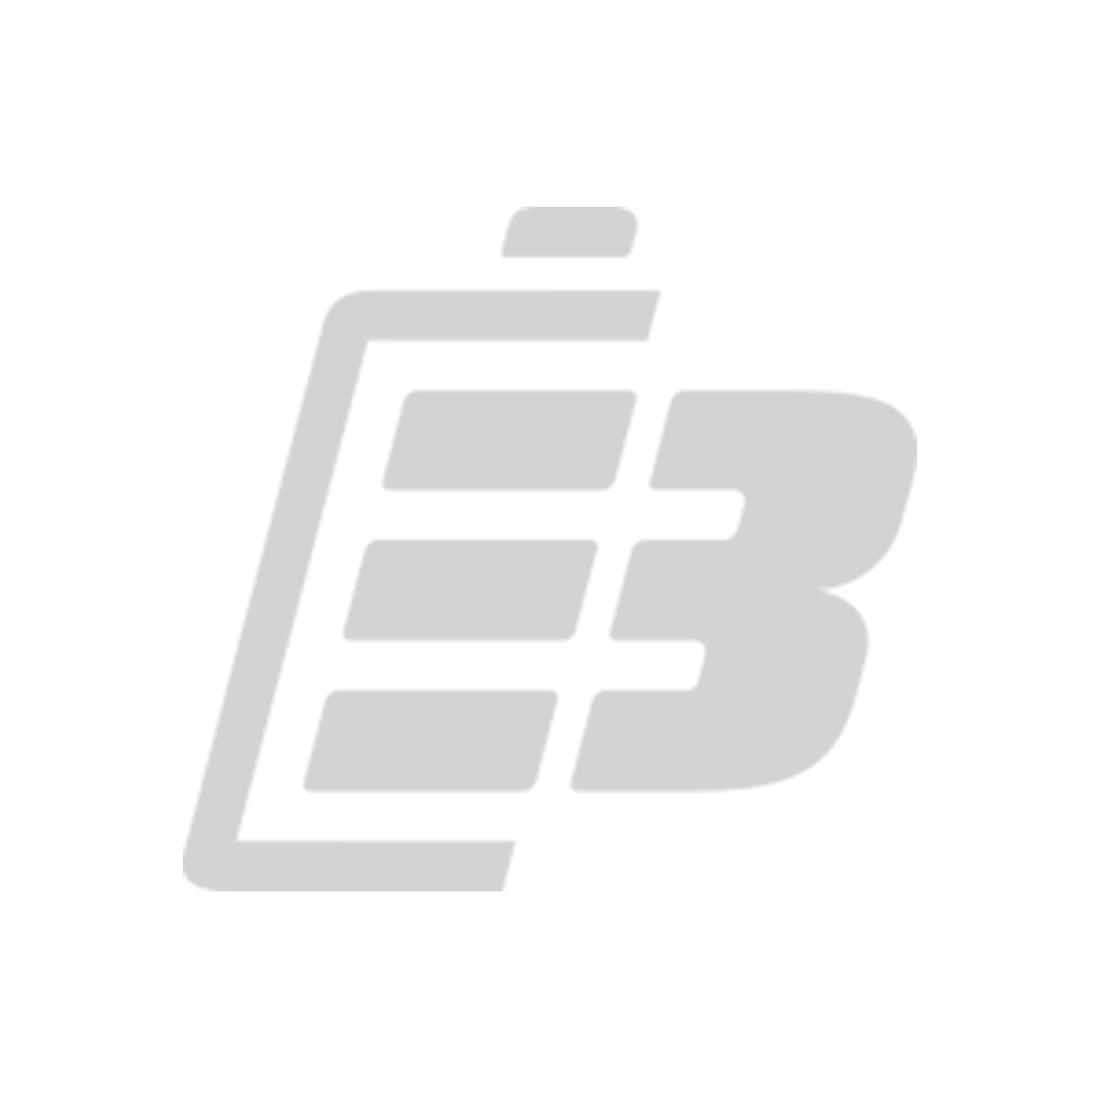 Crane remote control battery HBC Radiomatic Vector Pro_1